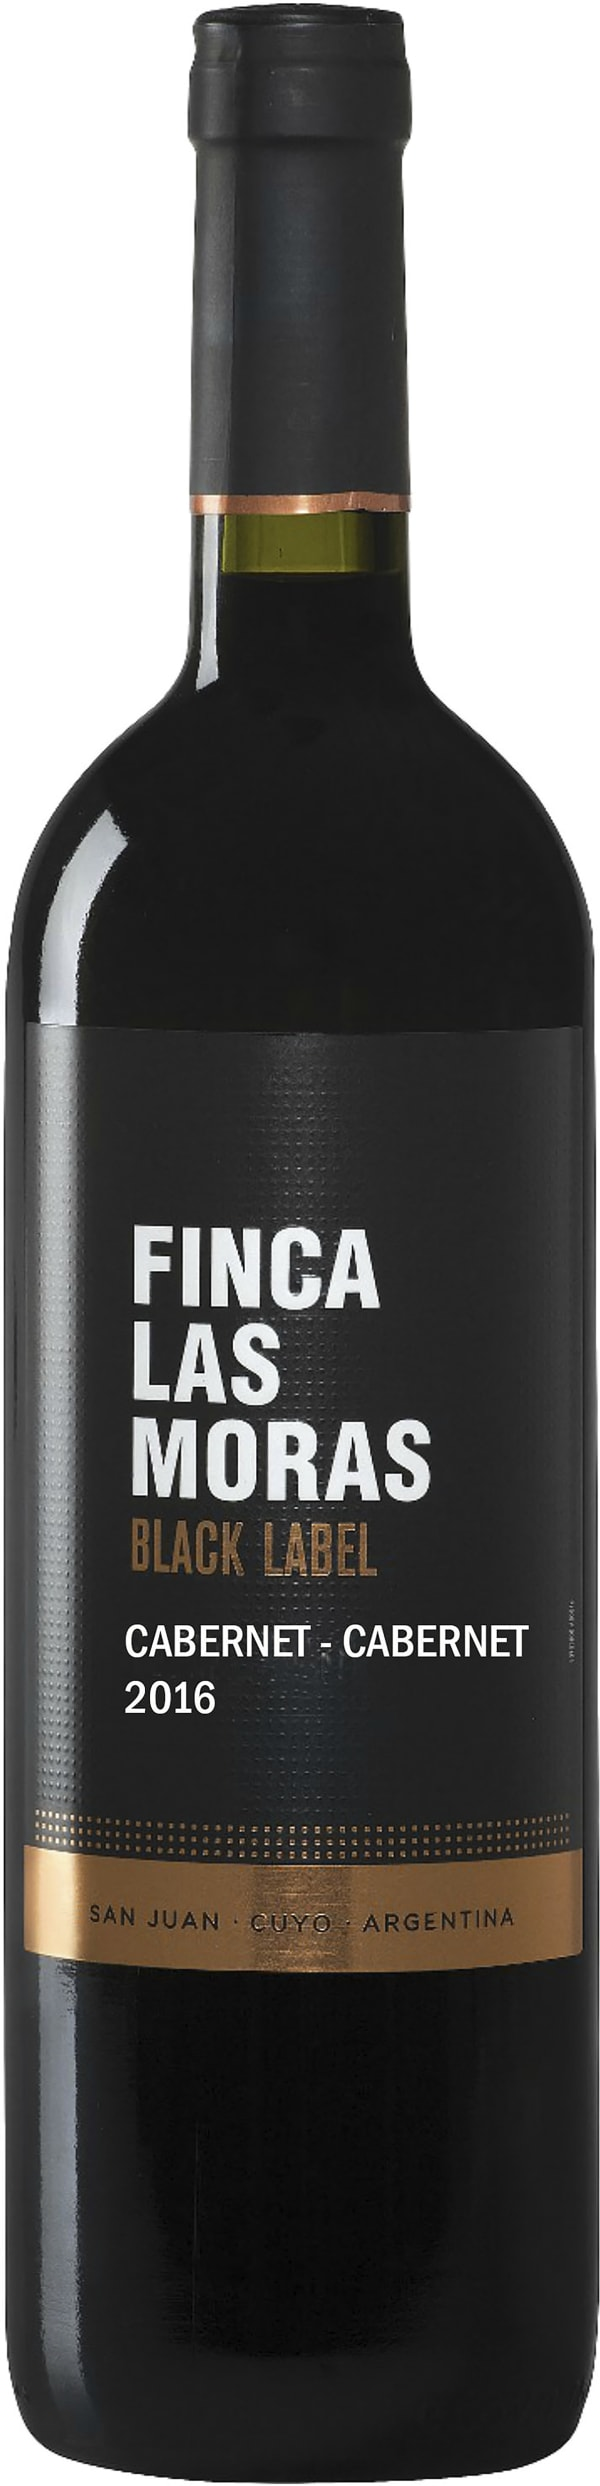 Finca Las Moras Black Label Cabernet Cabernet 2015